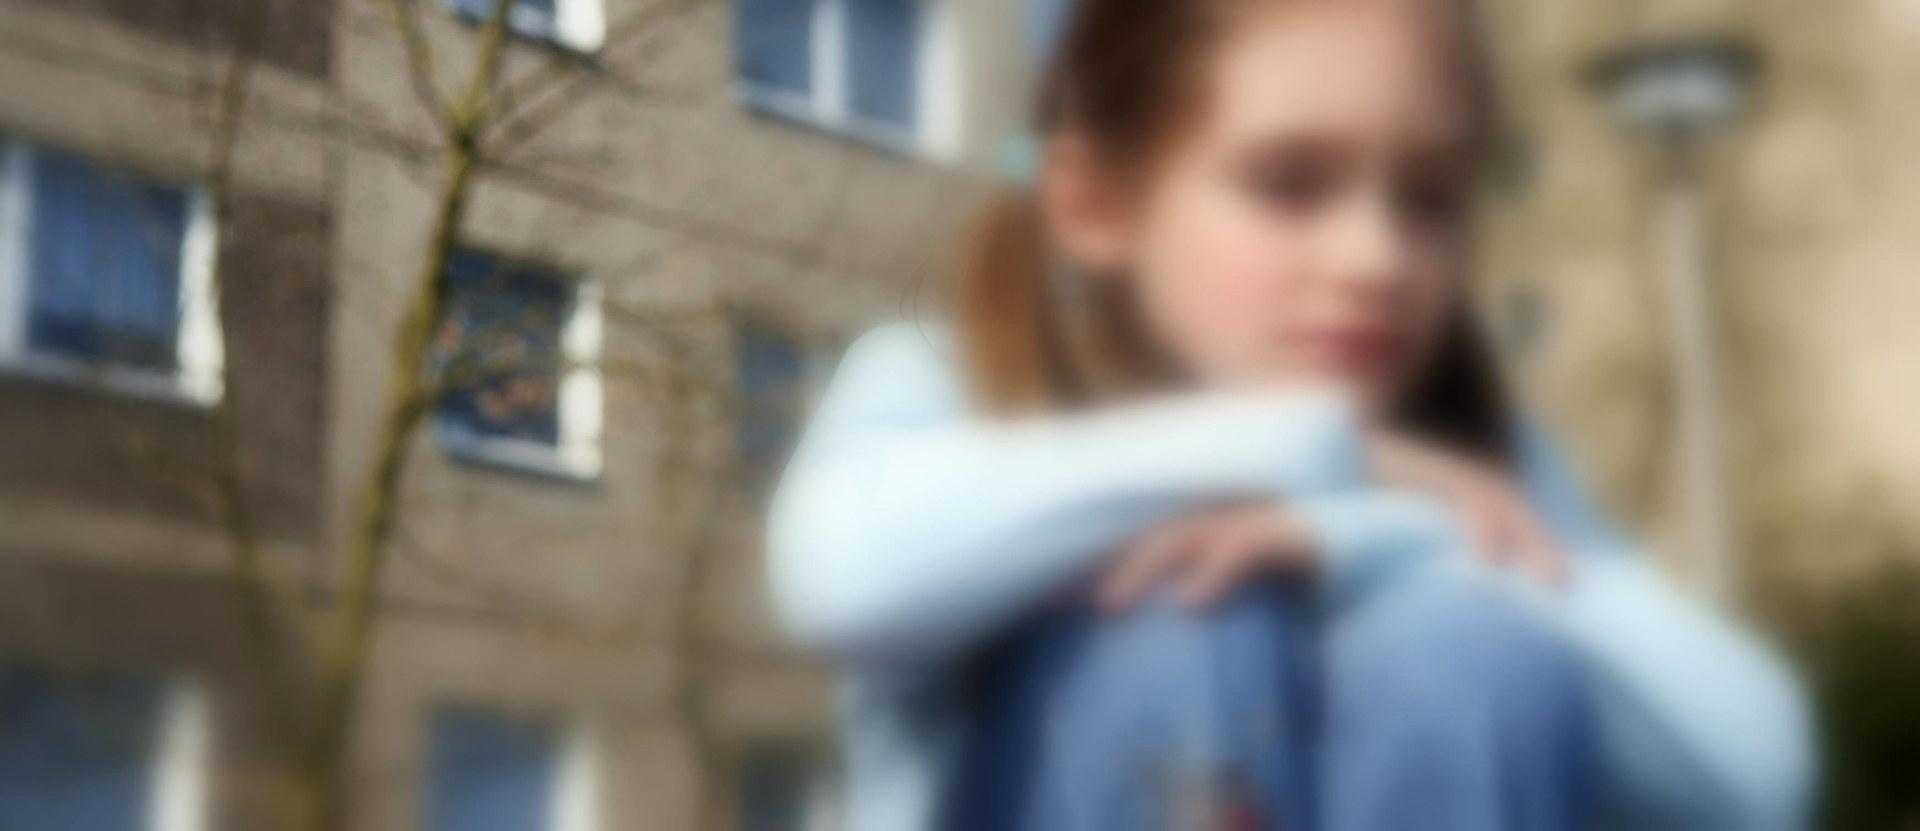 czy 19-latek może zostać aresztowany za randkę z 15-latkiem? serwis randkowy Murzyn